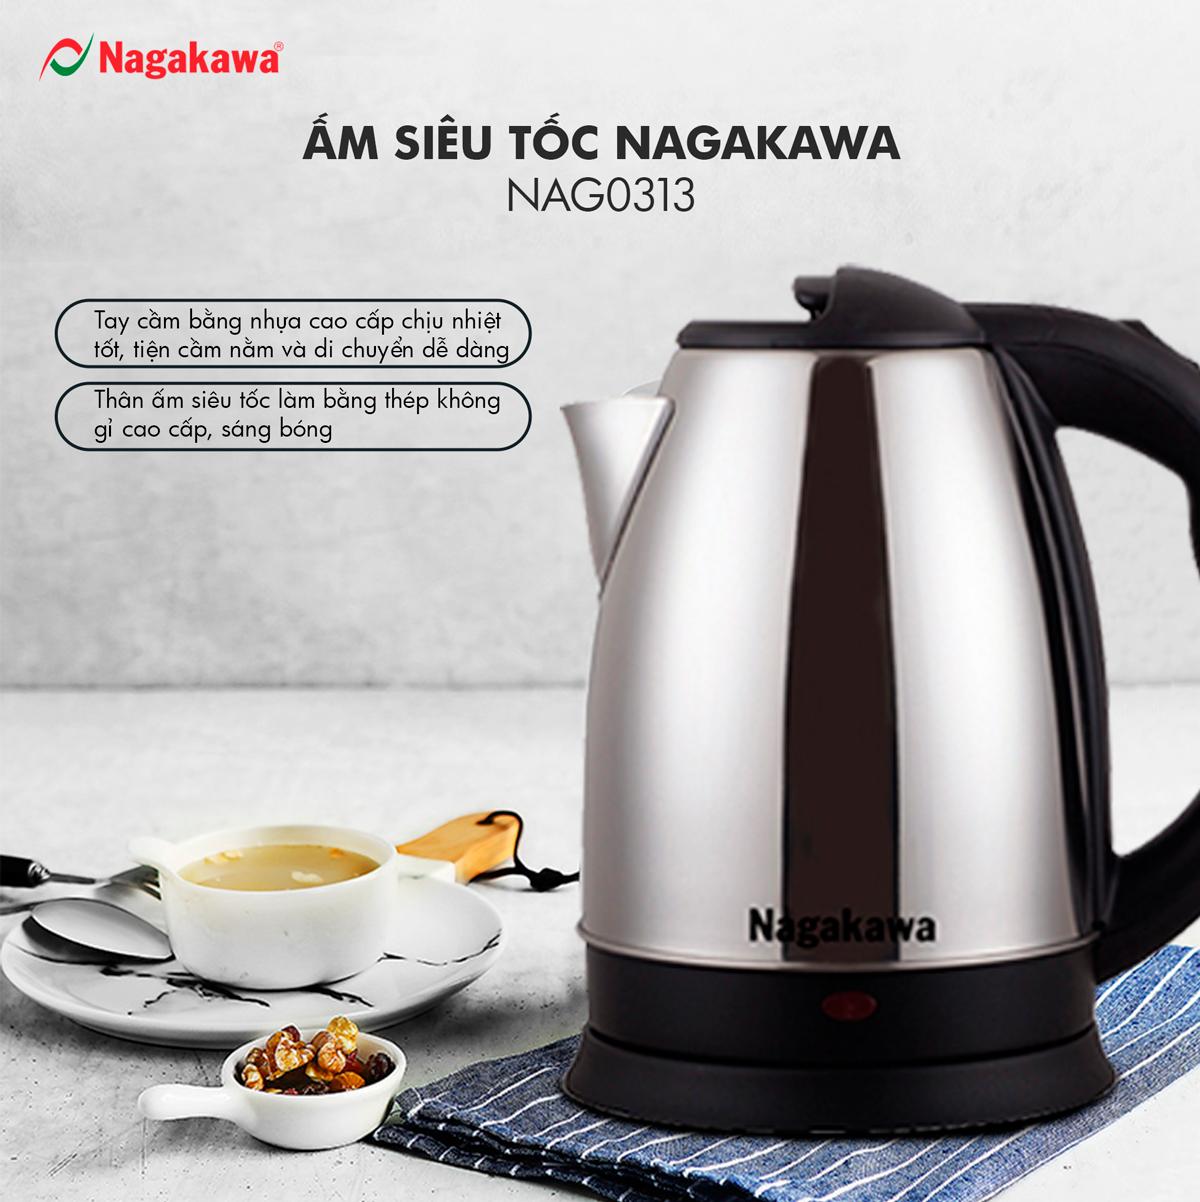 Ấm Siêu Tốc Nagakawa NAG0313 (1.8 Lít) - Hàng Chính Hãng